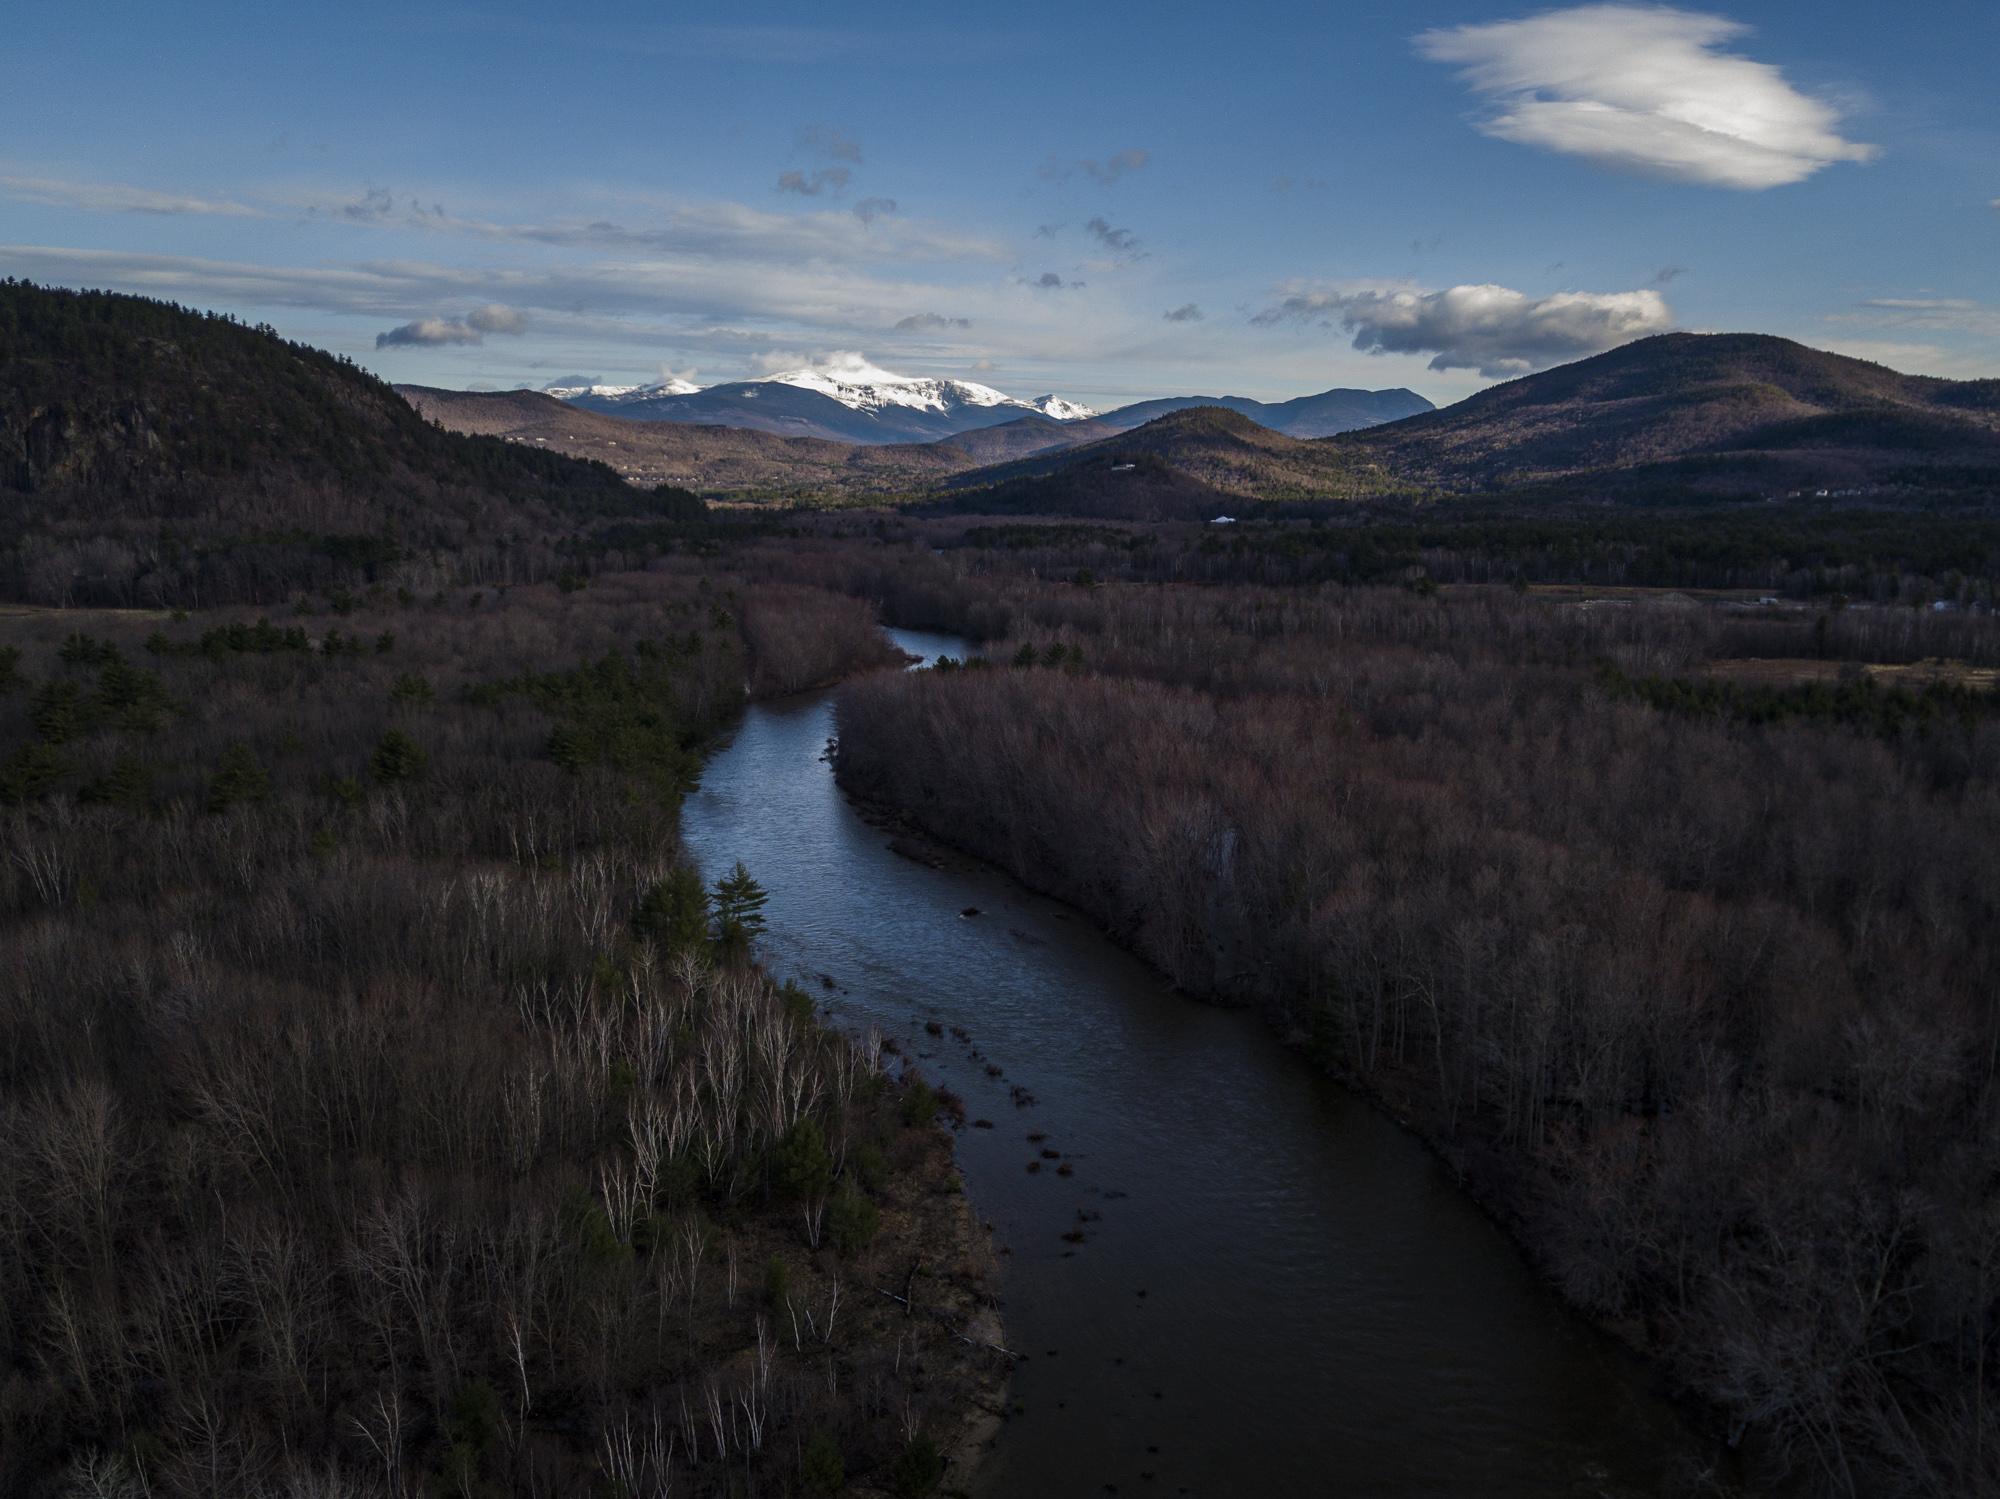 Saco River Source to Sea